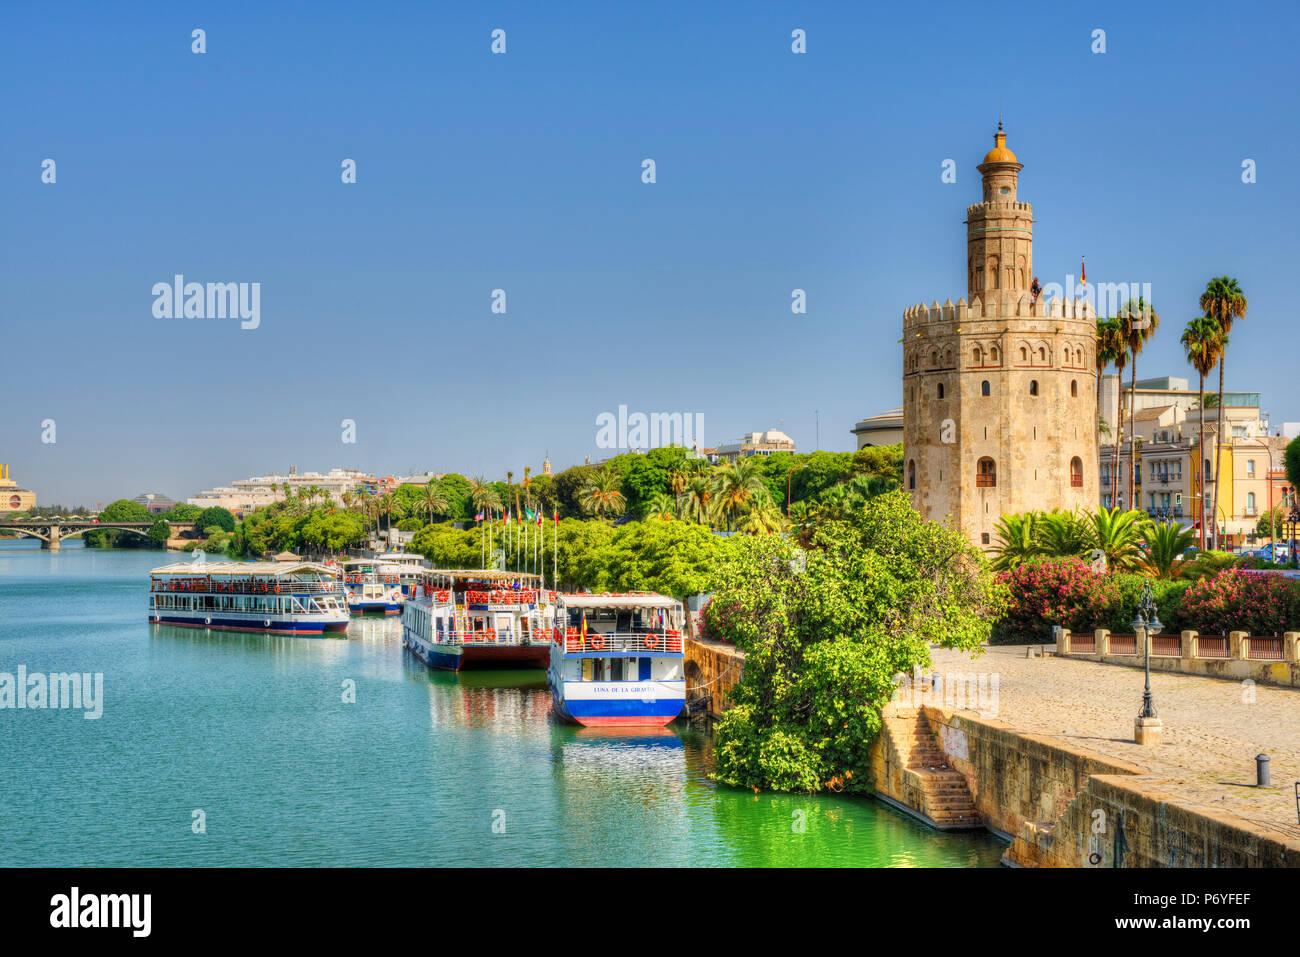 Torre del Oro y el Rio Guadelquivir, Sevilla, Andalucía, España Imagen De Stock